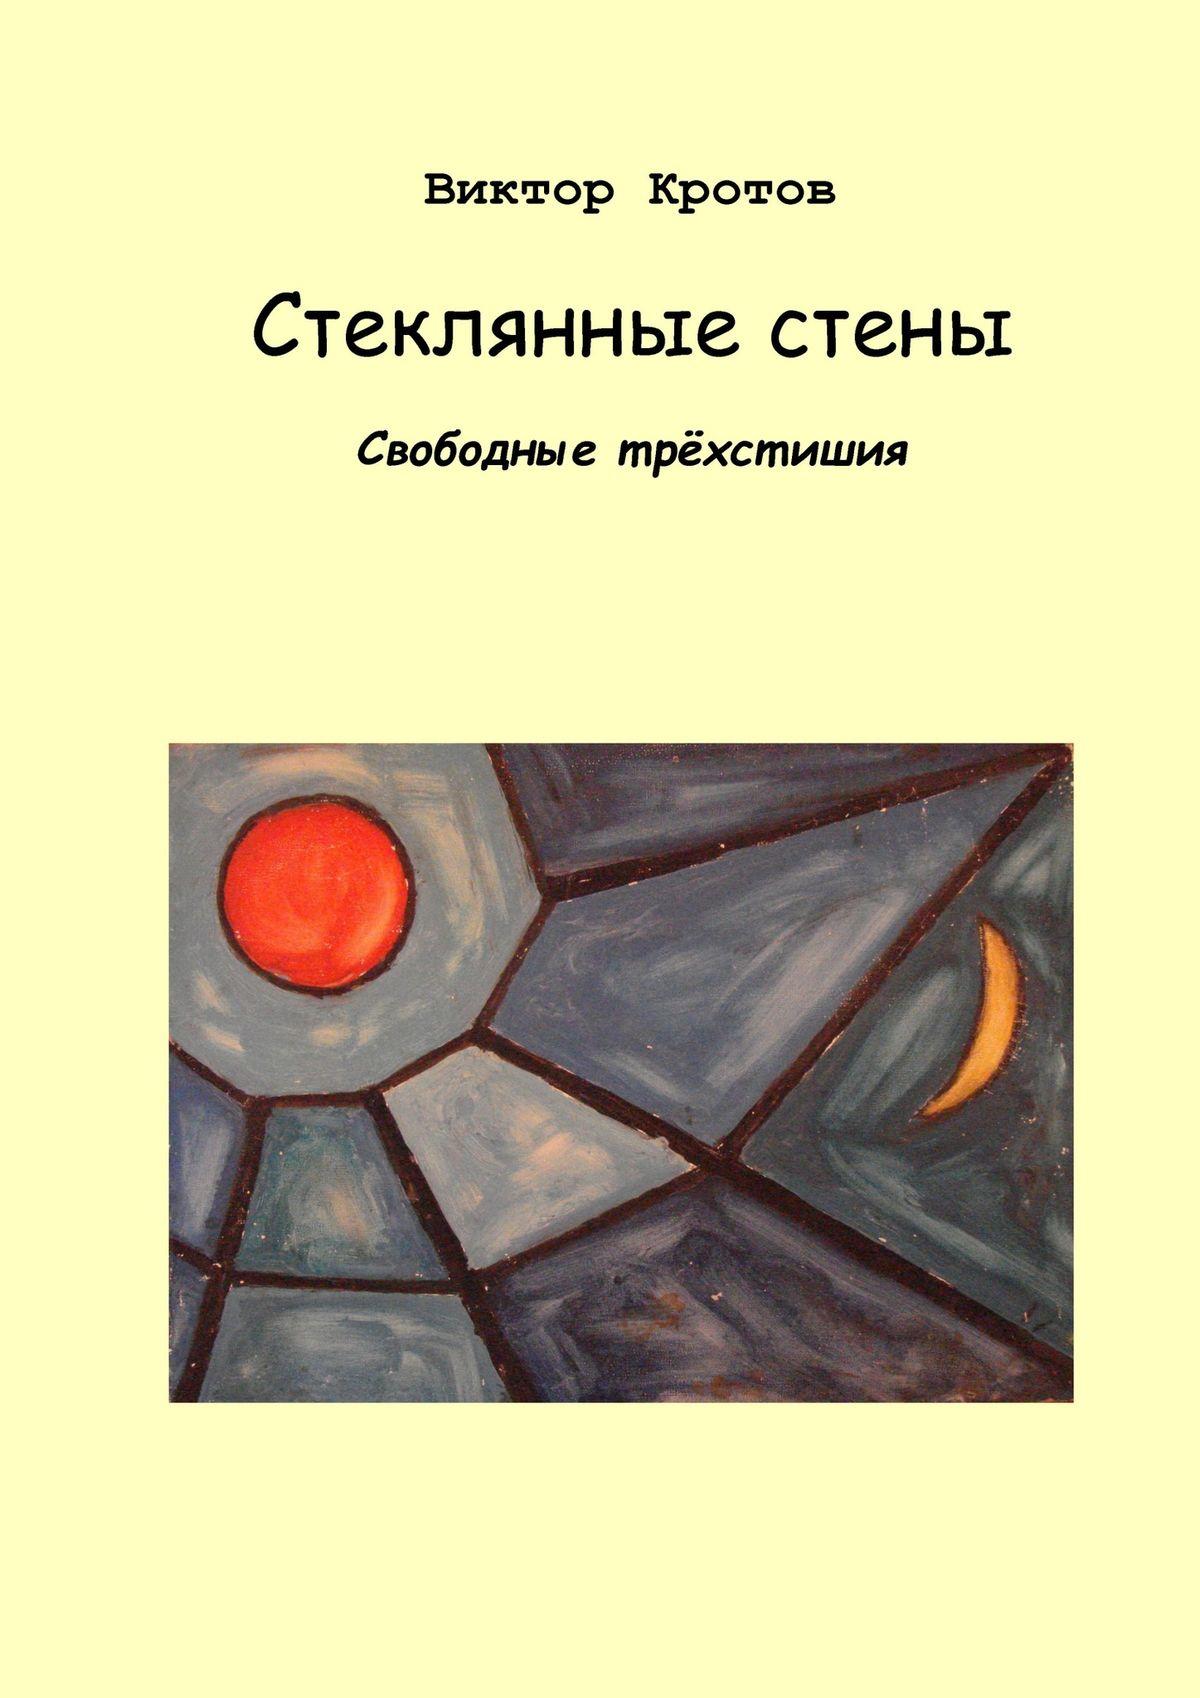 Фото - Виктор Гаврилович Кротов Стеклянные стены. Свободные трёхстишия виктор кротов потеря приобретающая сборник эссе